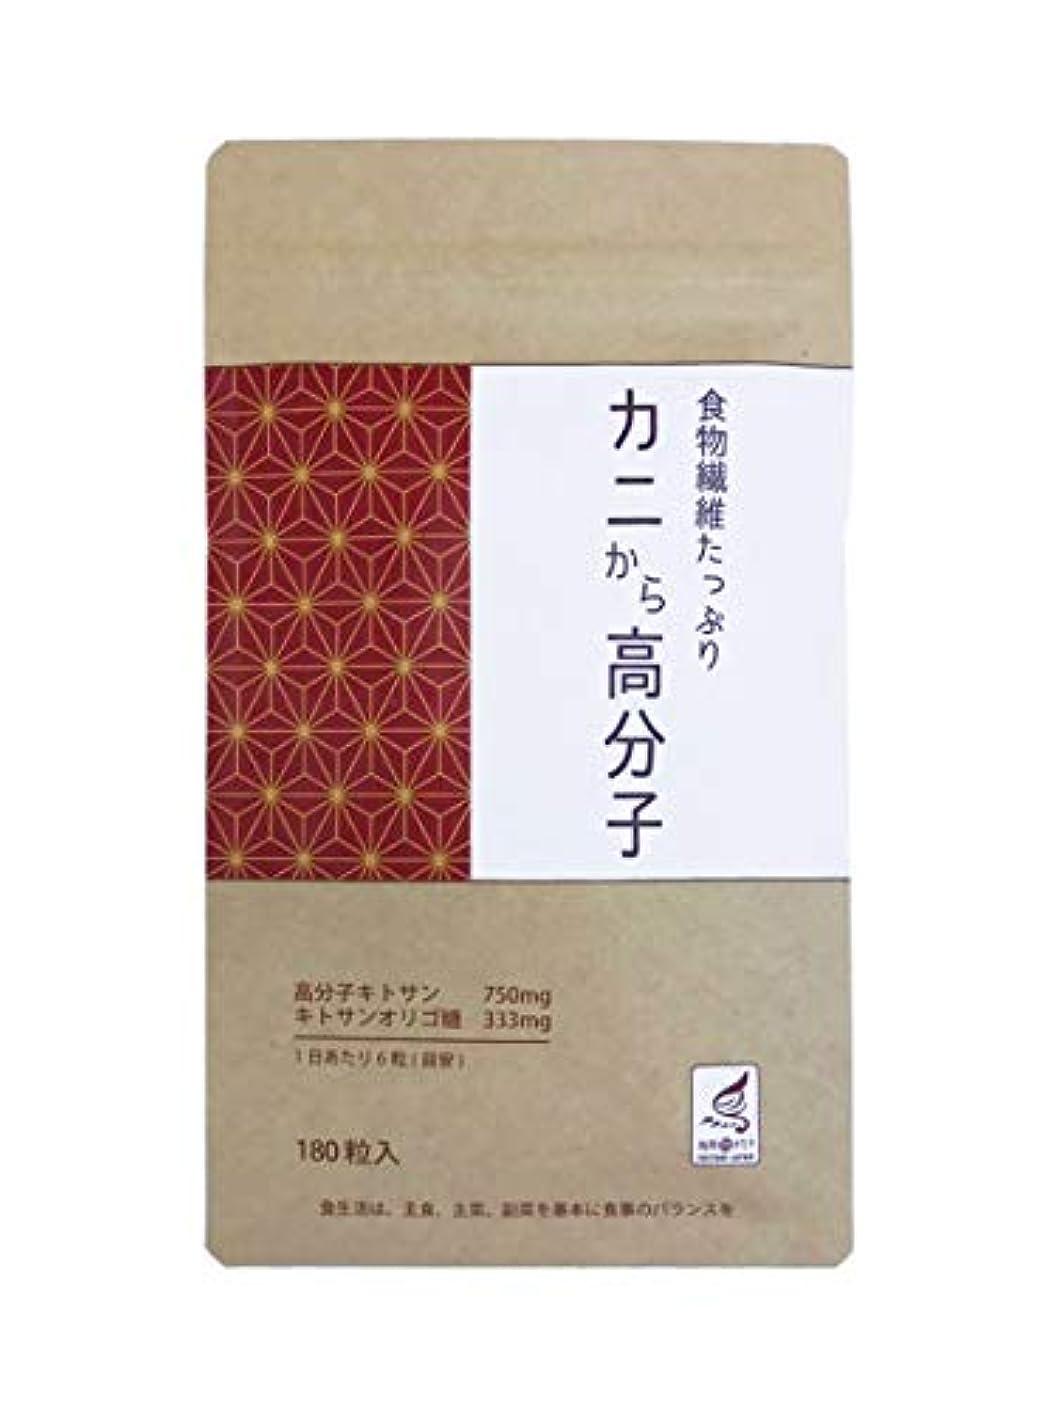 エステート意気揚々任命するキトサン&キトサンオリゴ糖「カニから高分子」/【CC】